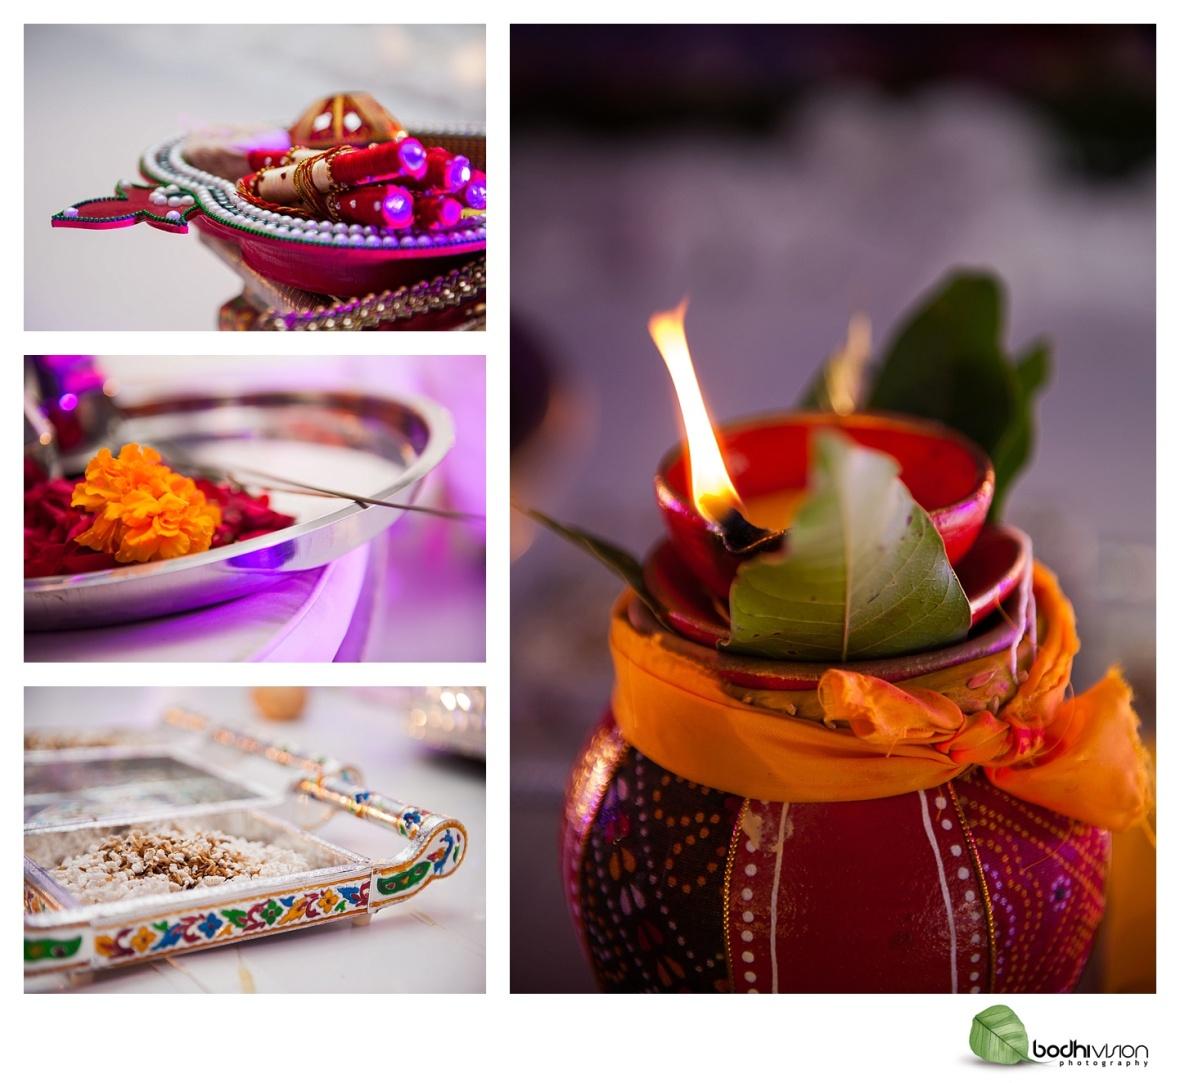 bodhi-vision-photography-yuvika-shailen_0004